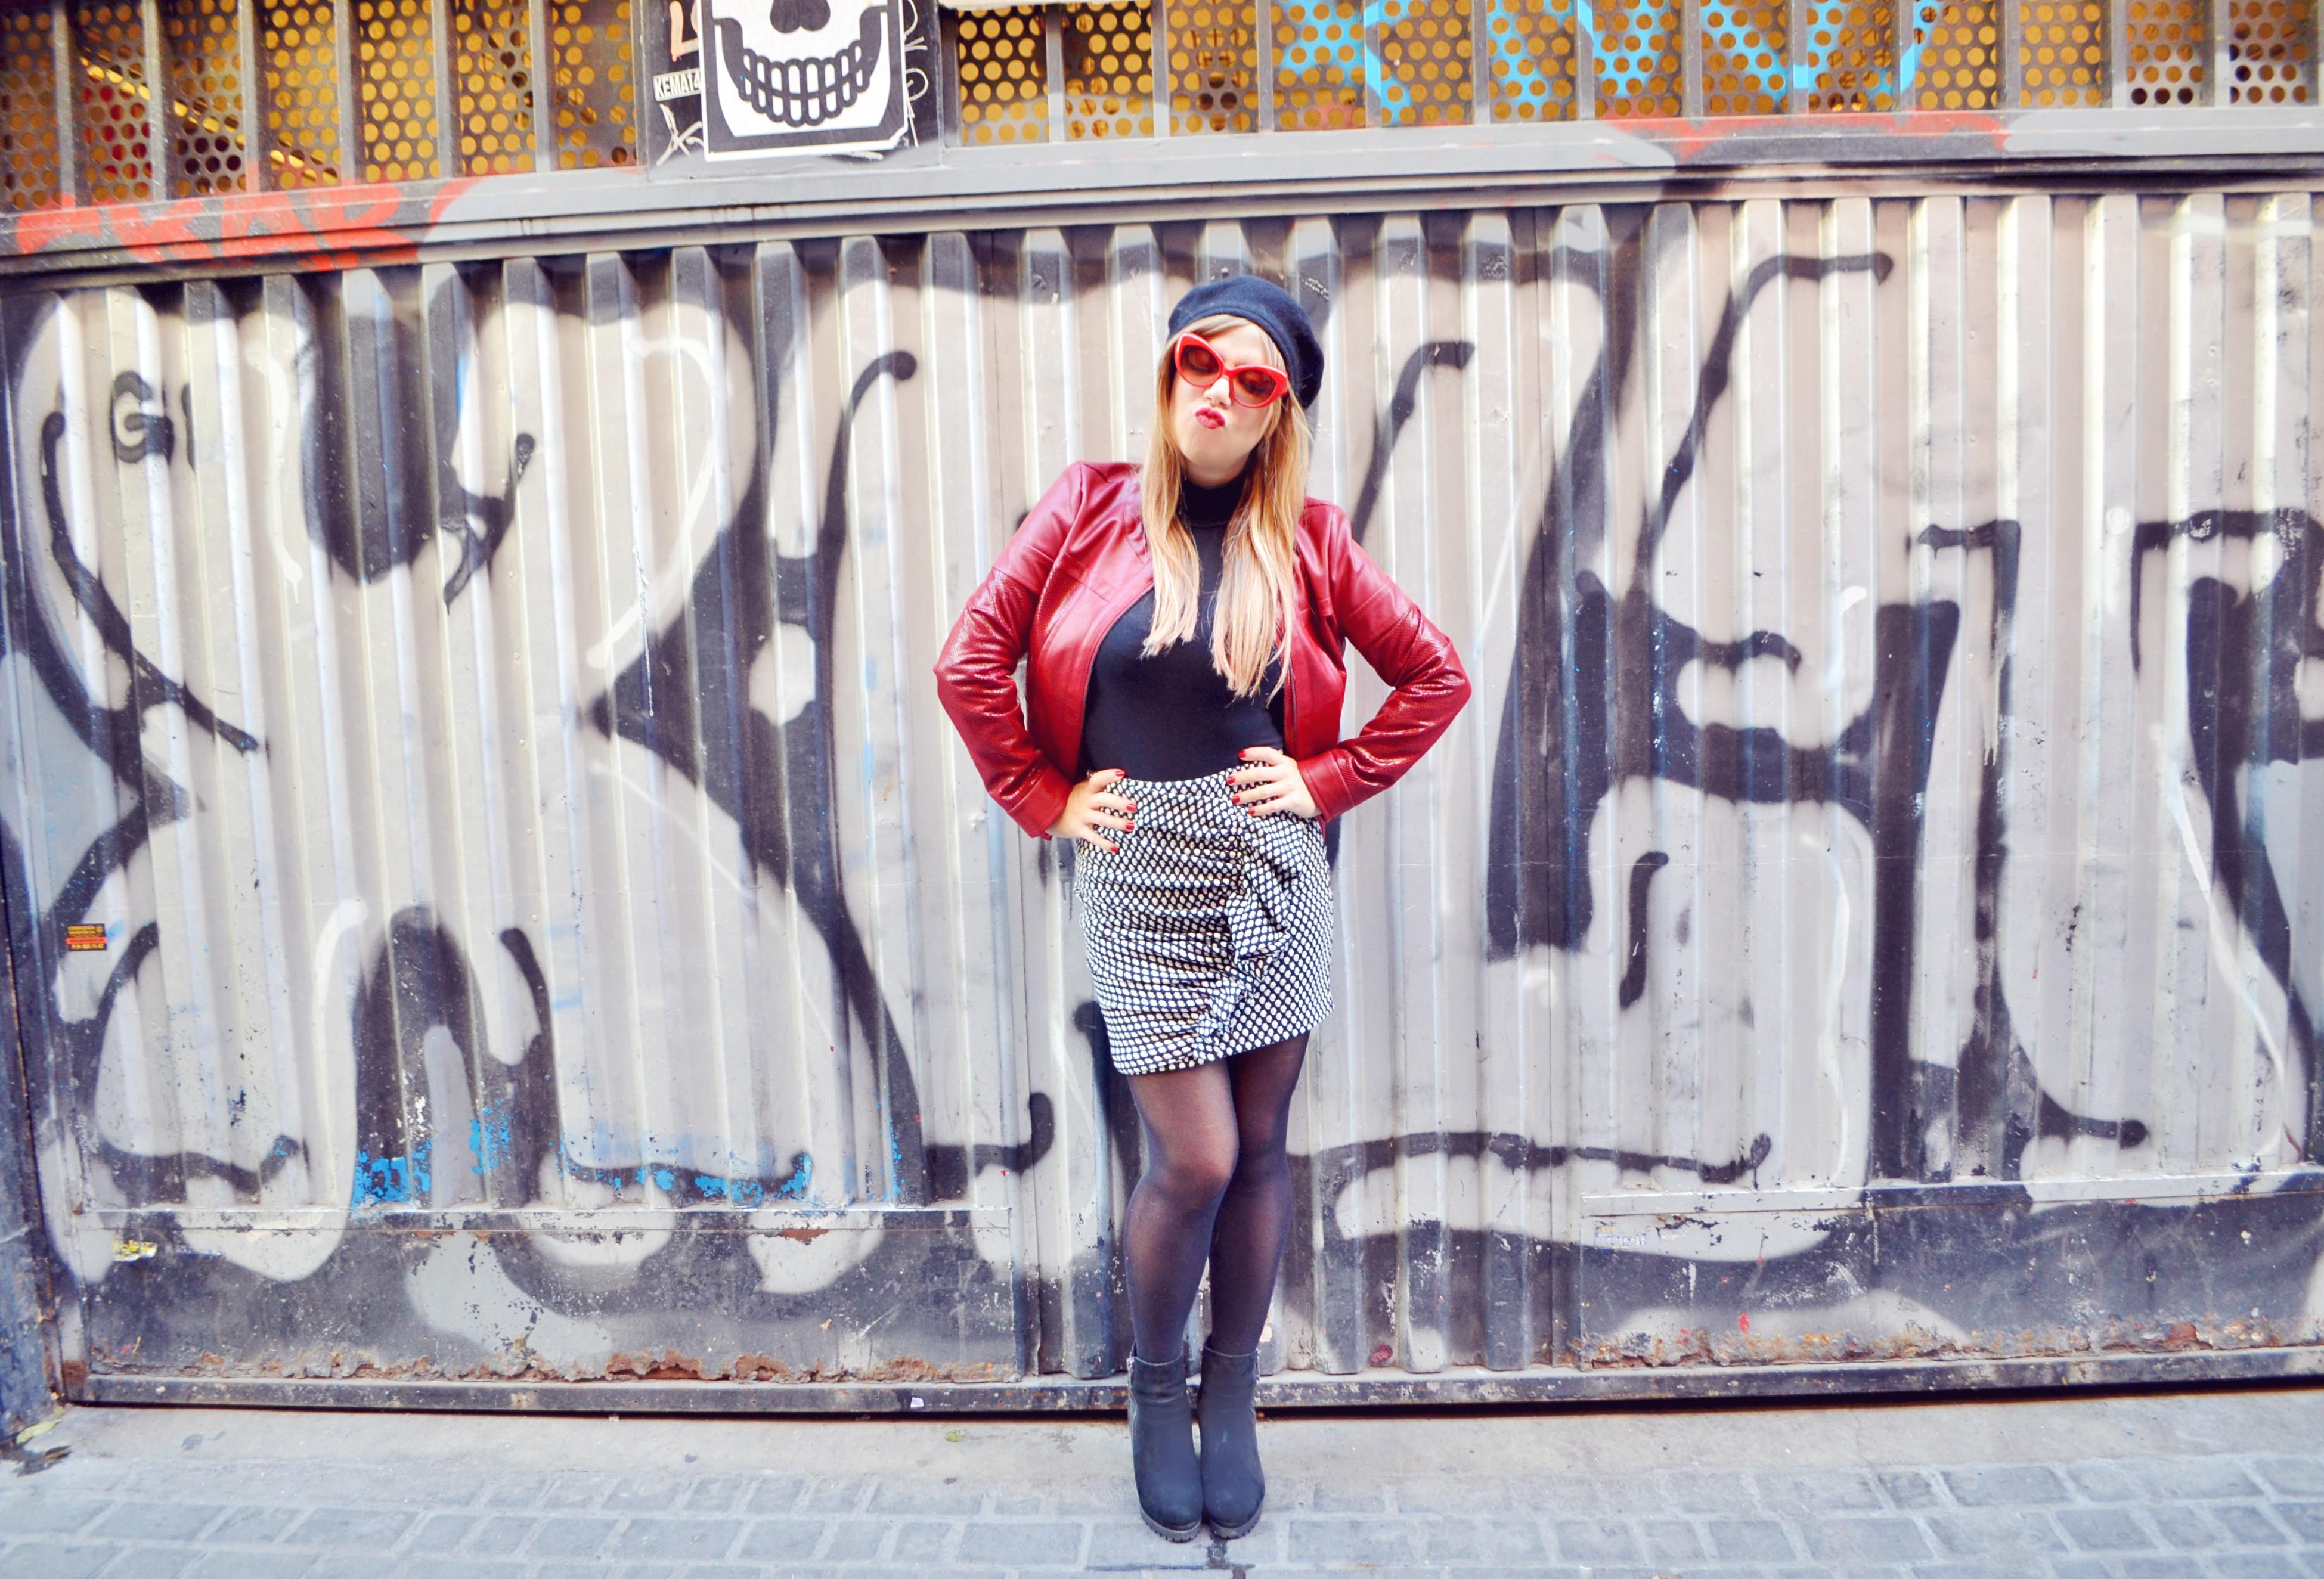 Chaqueta-arggido-blog-de-moda-ChicAdicta-influencer-Chic-Adicta-faldas-con-volantes-gafas-retro-fancy-style-PiensaenChic-Piensa-en-Chic